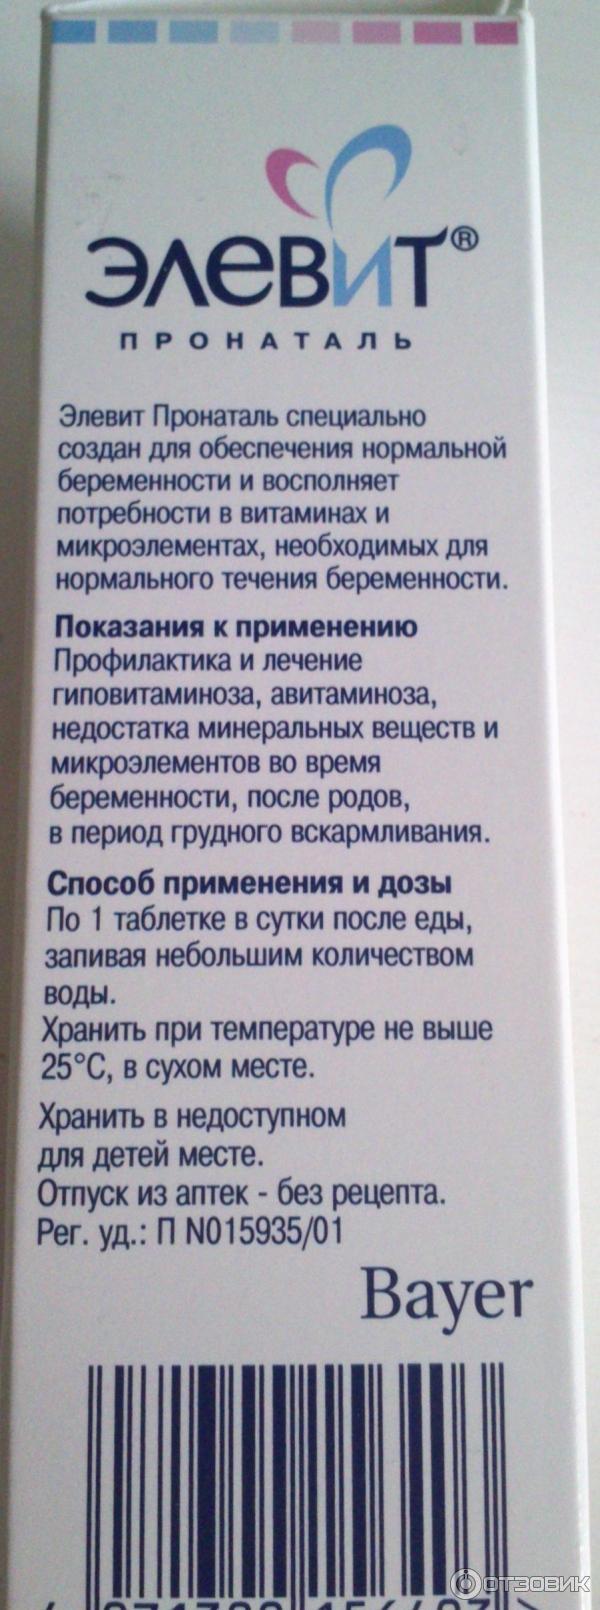 Б6 витамины для беременных 469